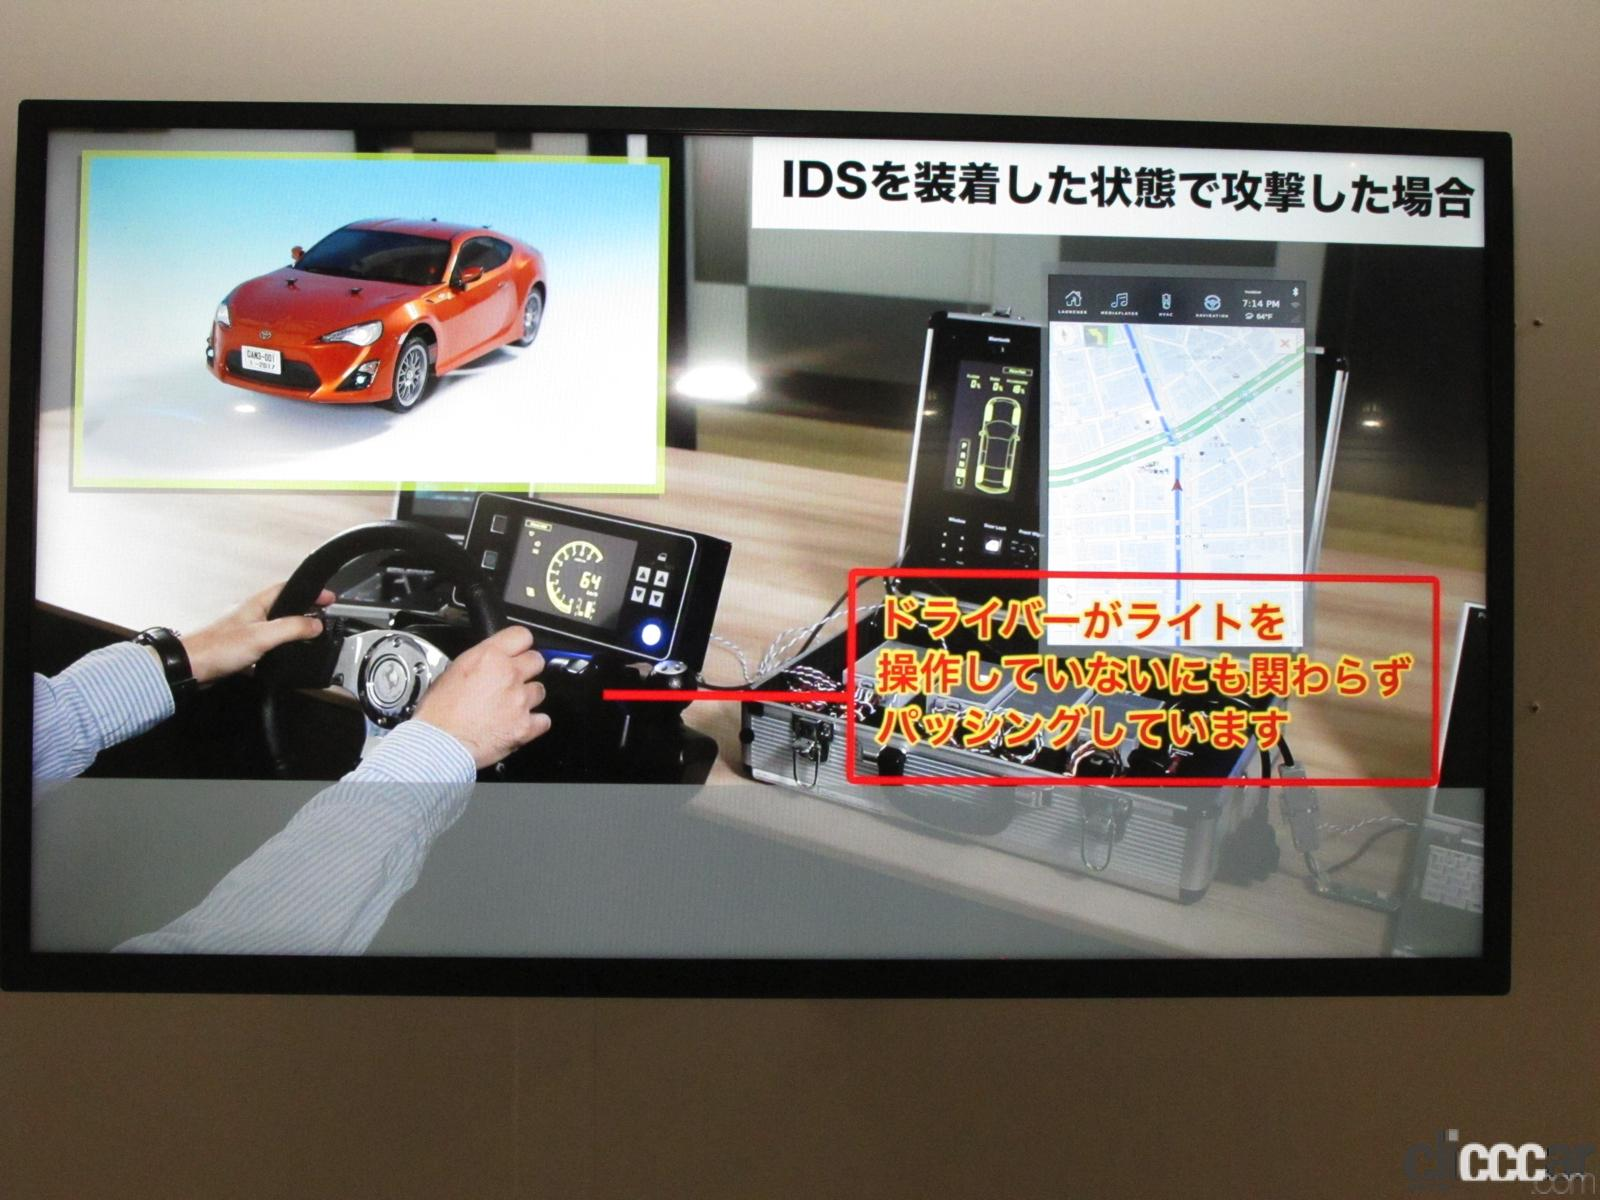 「清水和夫が解説!日本が進める「自動運転の今」はどんな技術で、どう使うのか?【SIP第2期 自動運転 中間成果発表会】」の13枚目の画像